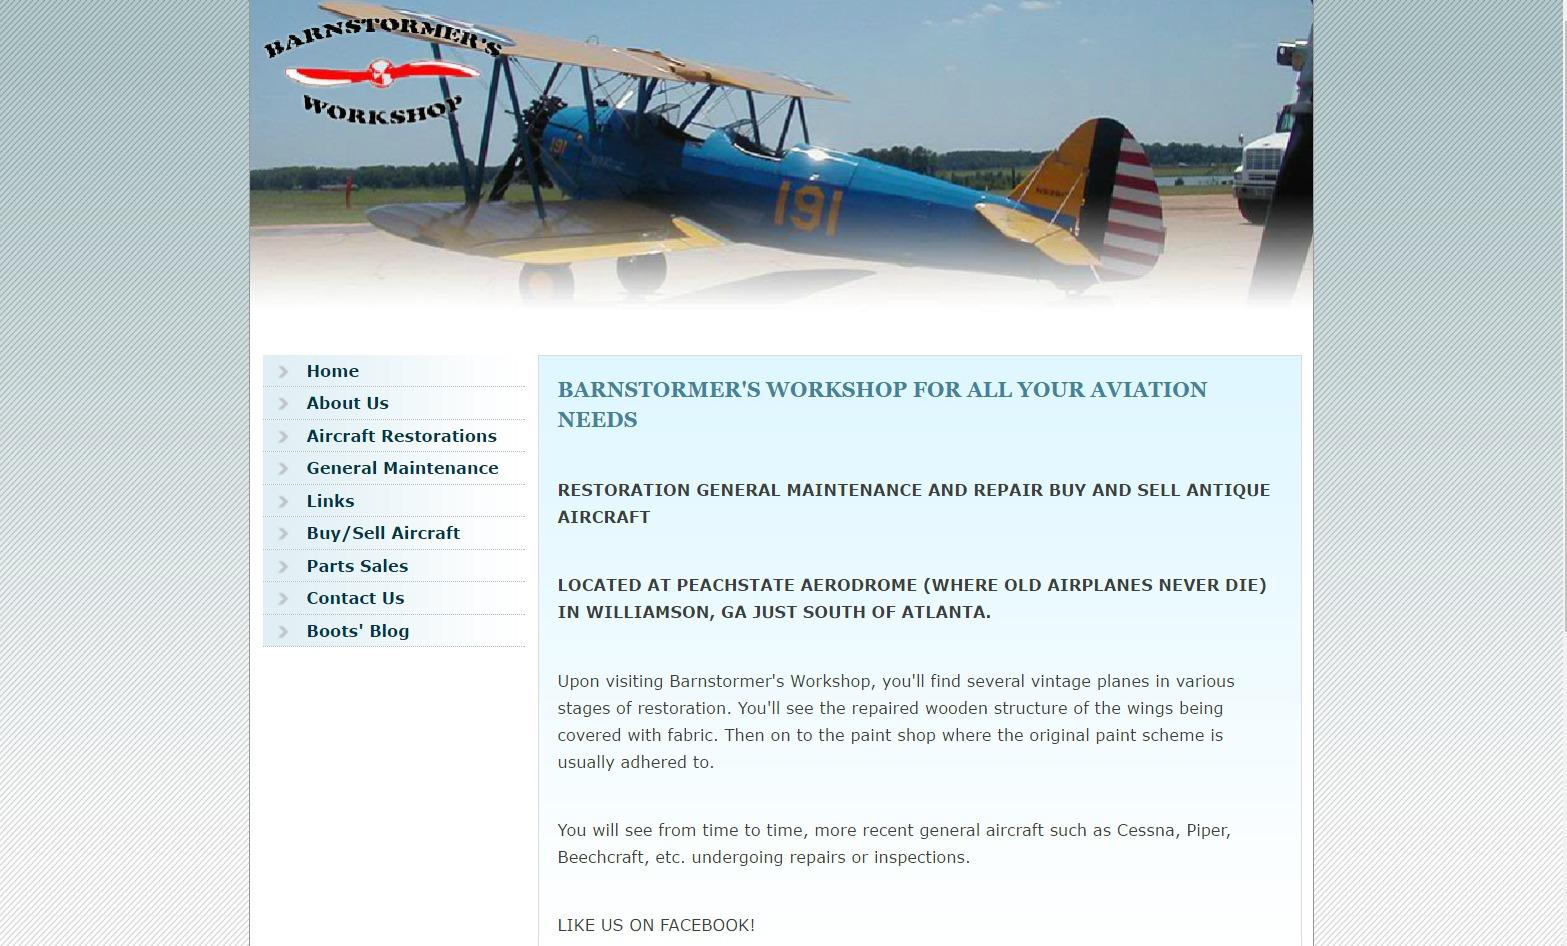 Barnstormer's Workshop (Williamson, GA) Web Design Project